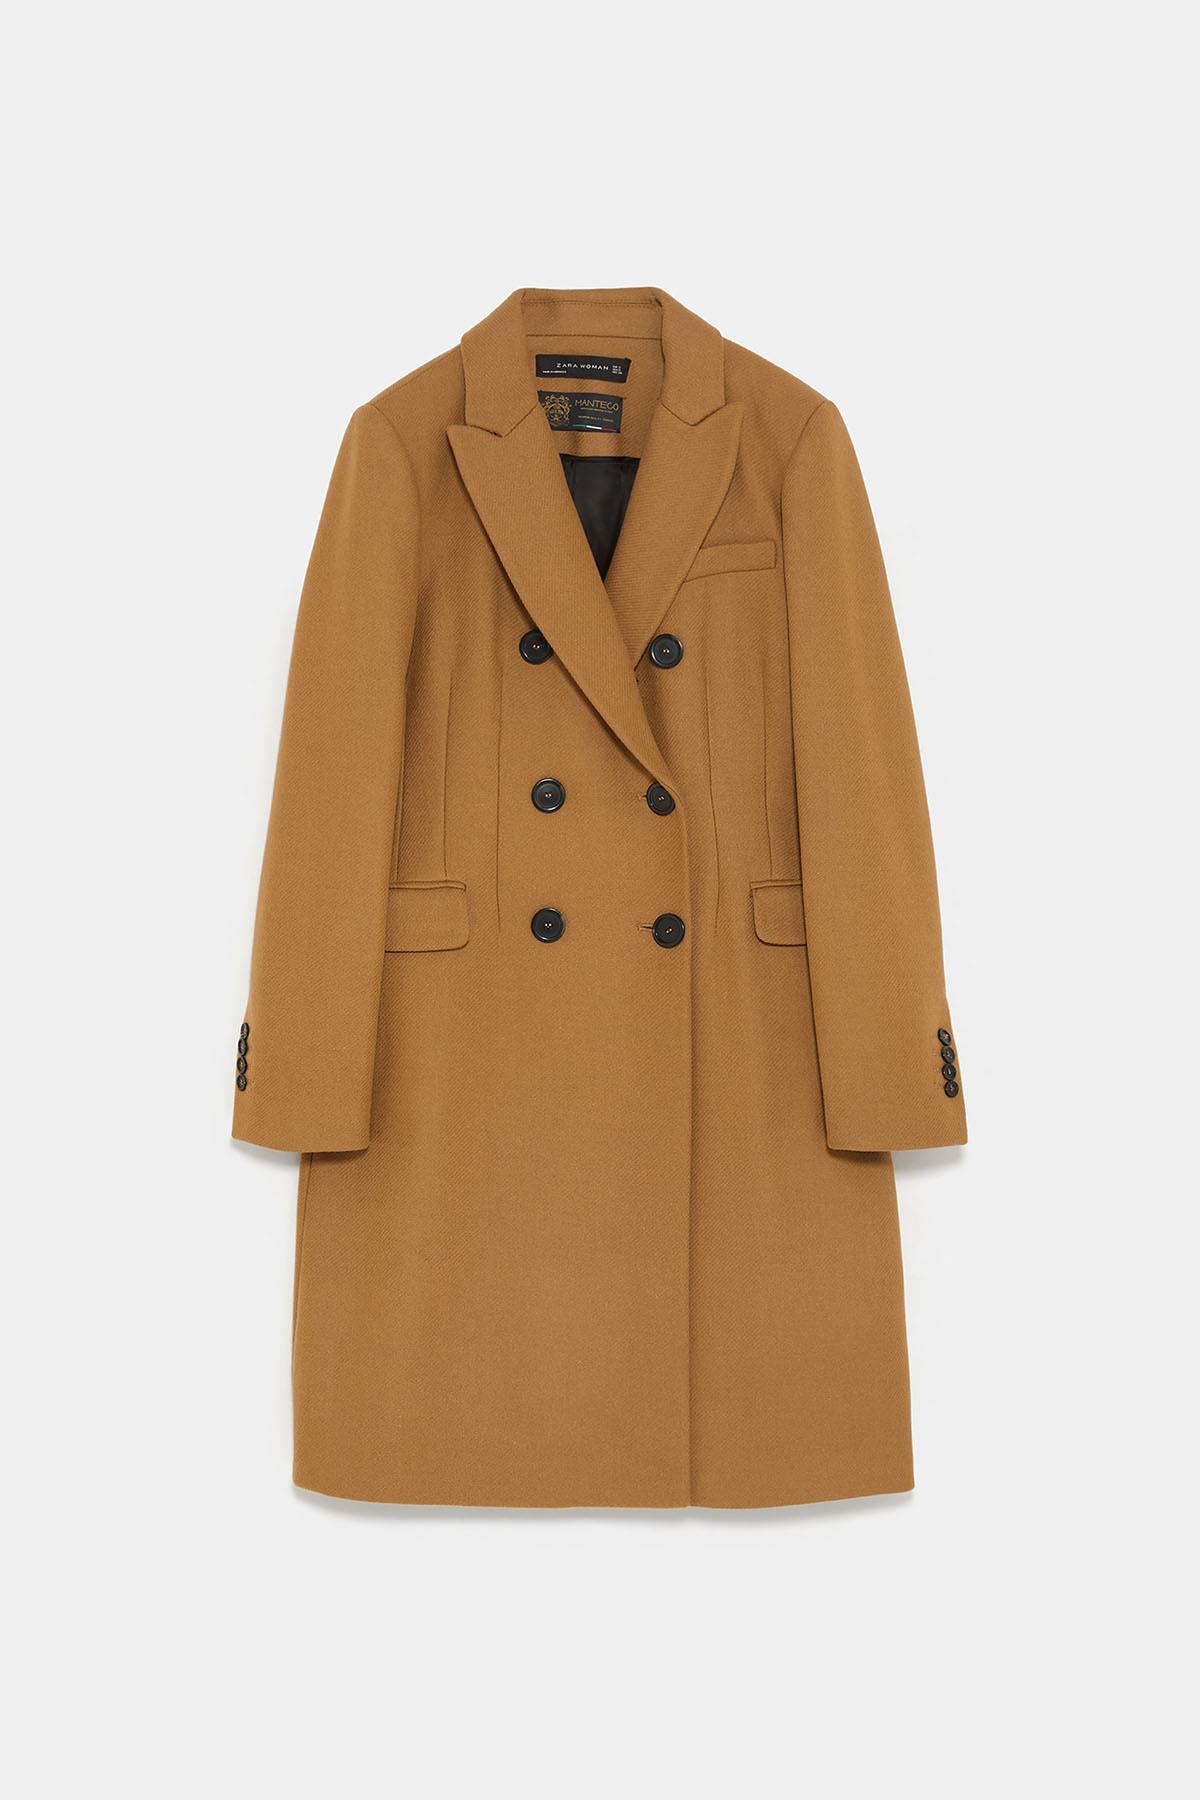 43b3ddc27a8 Rebajas 2019  abrigos baratos de mujer - InStyle